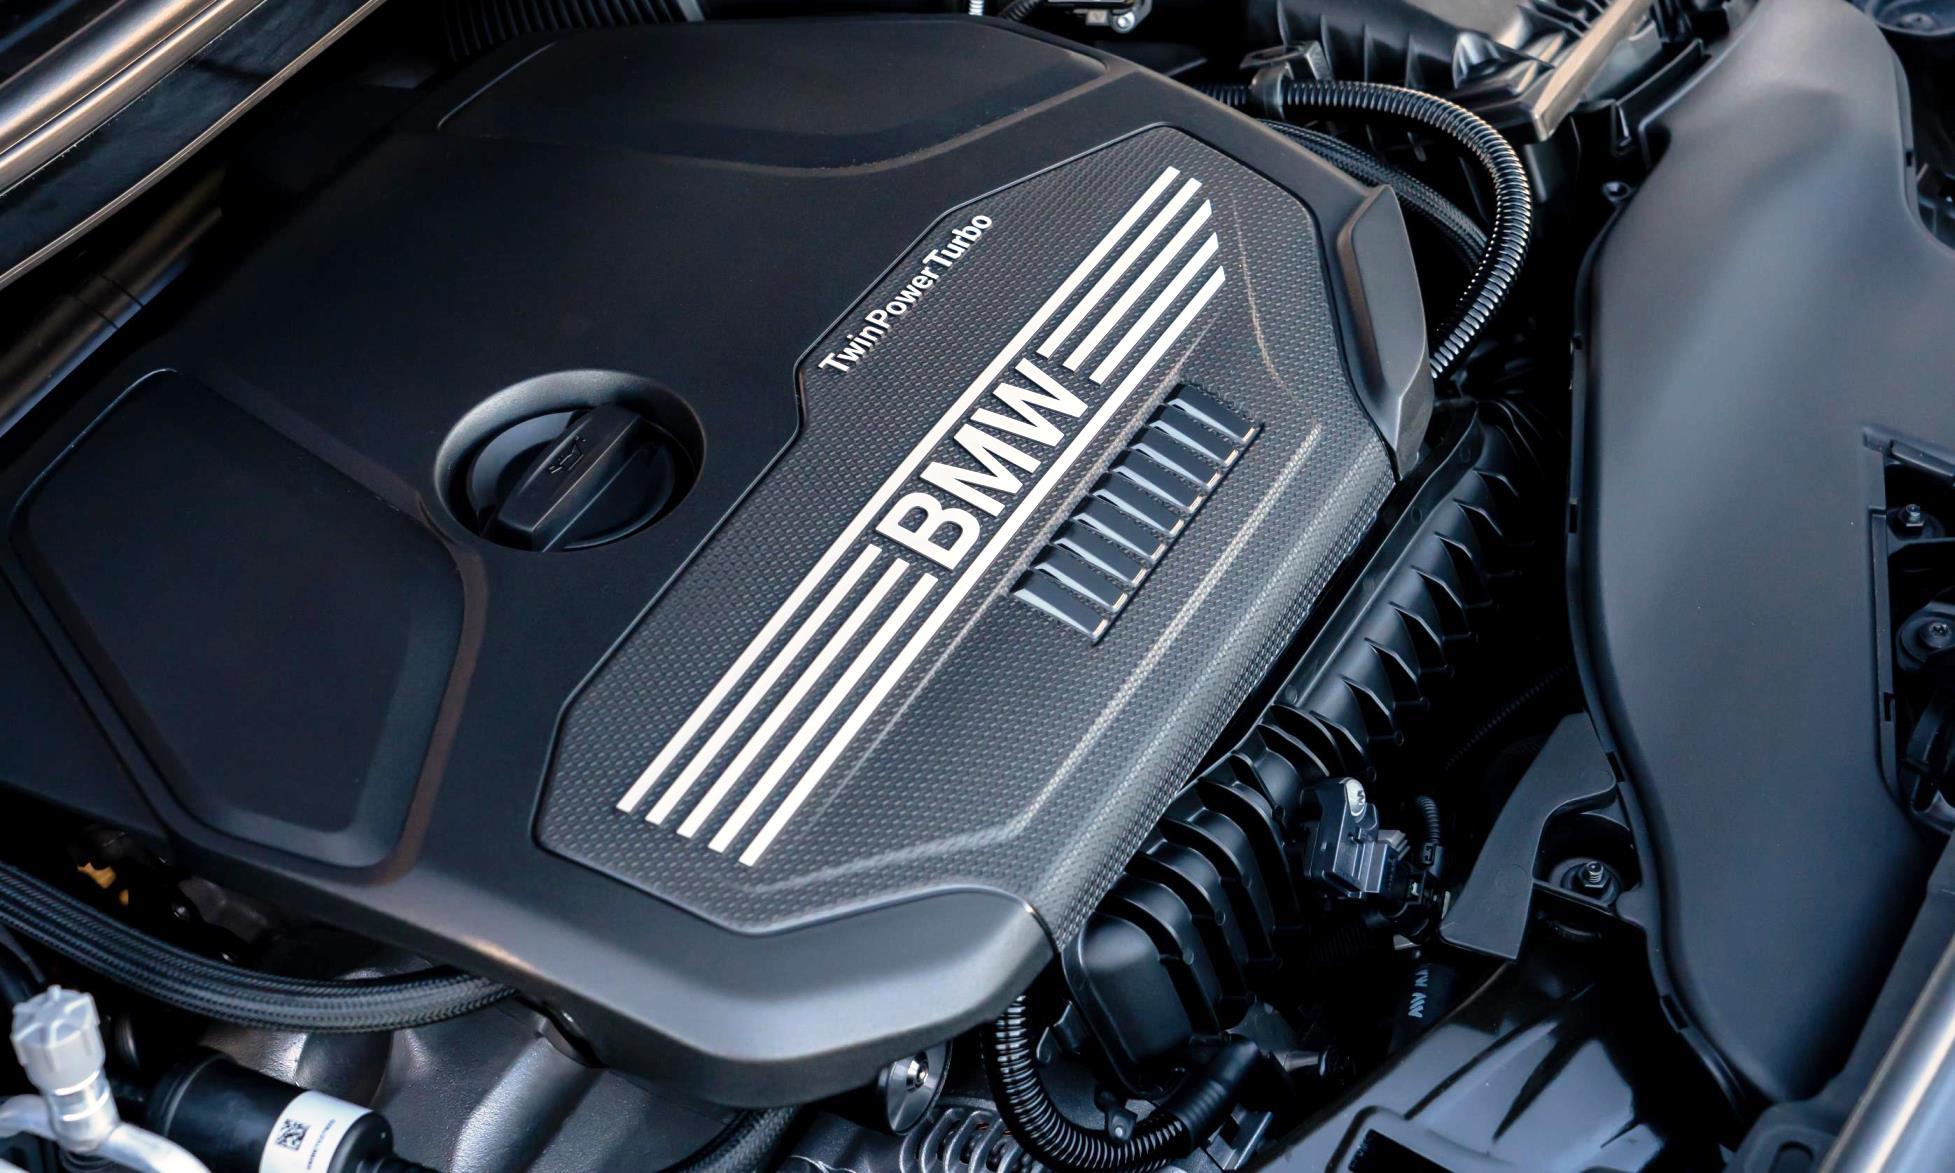 BMW 118i engine